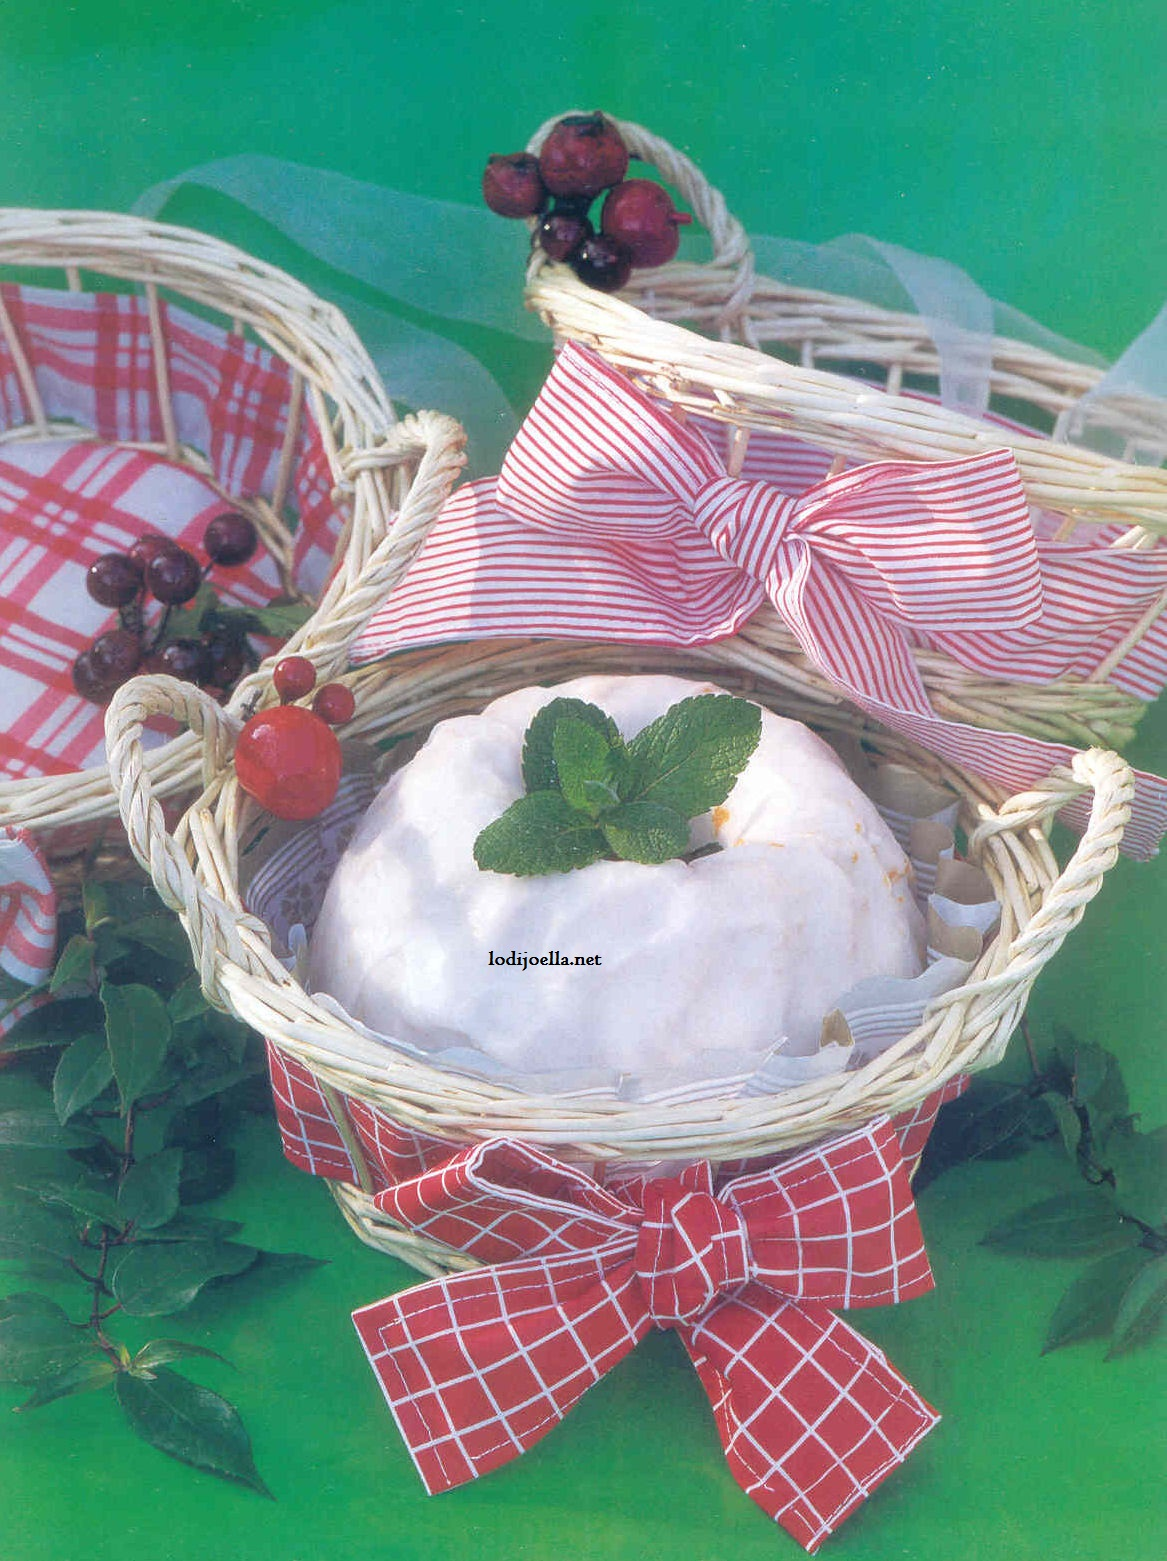 Manualidades canastas decoradas lodijoella - Canastas de mimbre decoradas ...